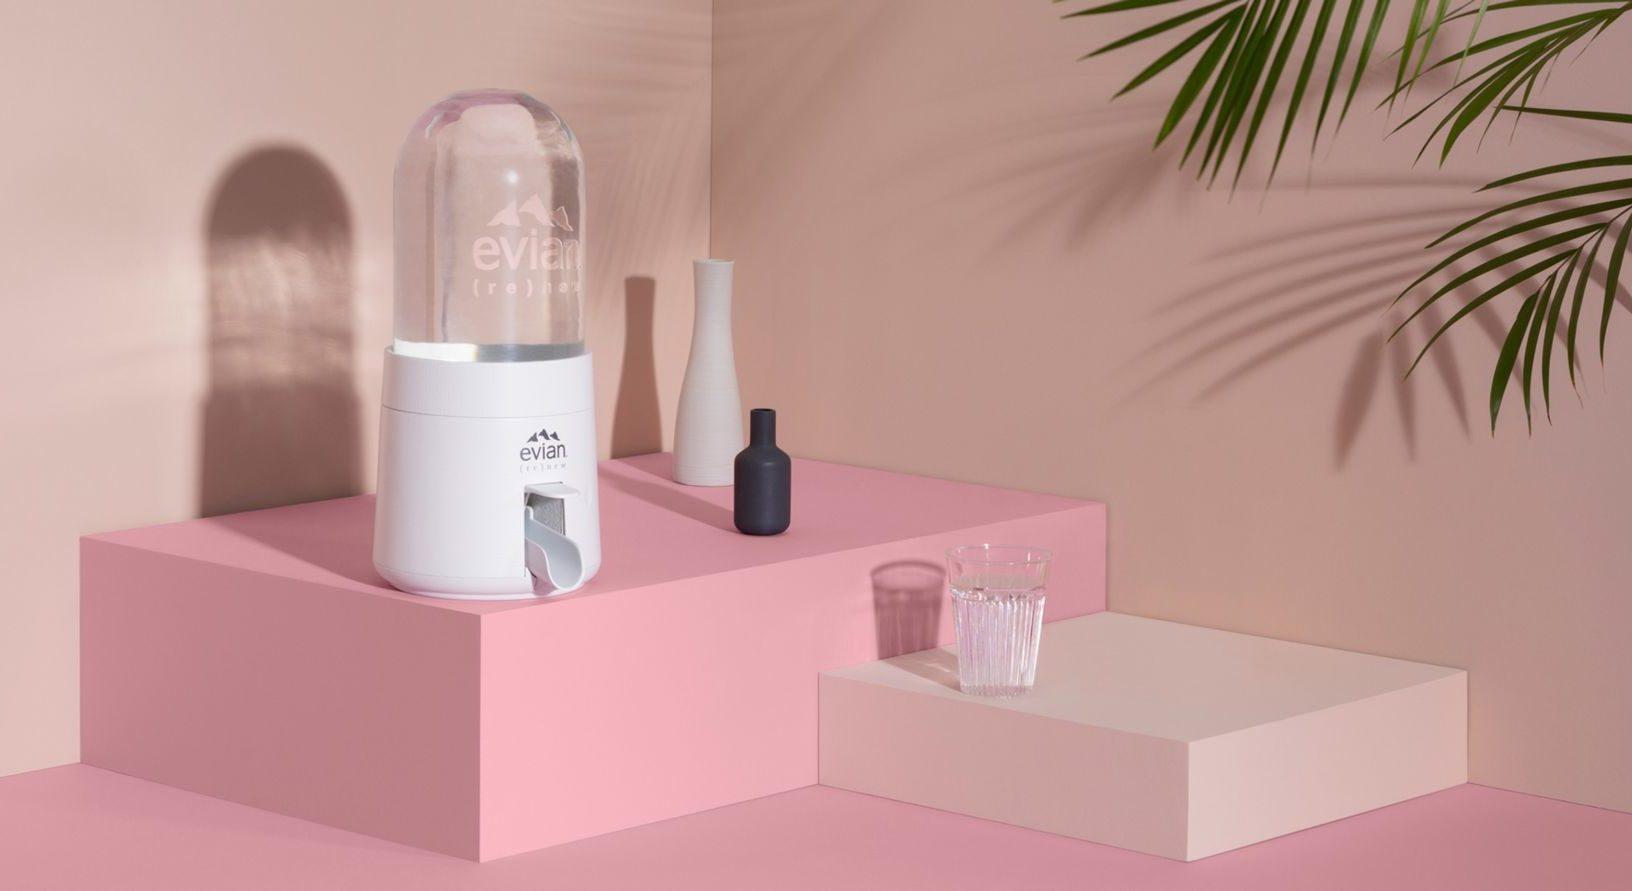 Evian (Re)New Home Water Dispenser